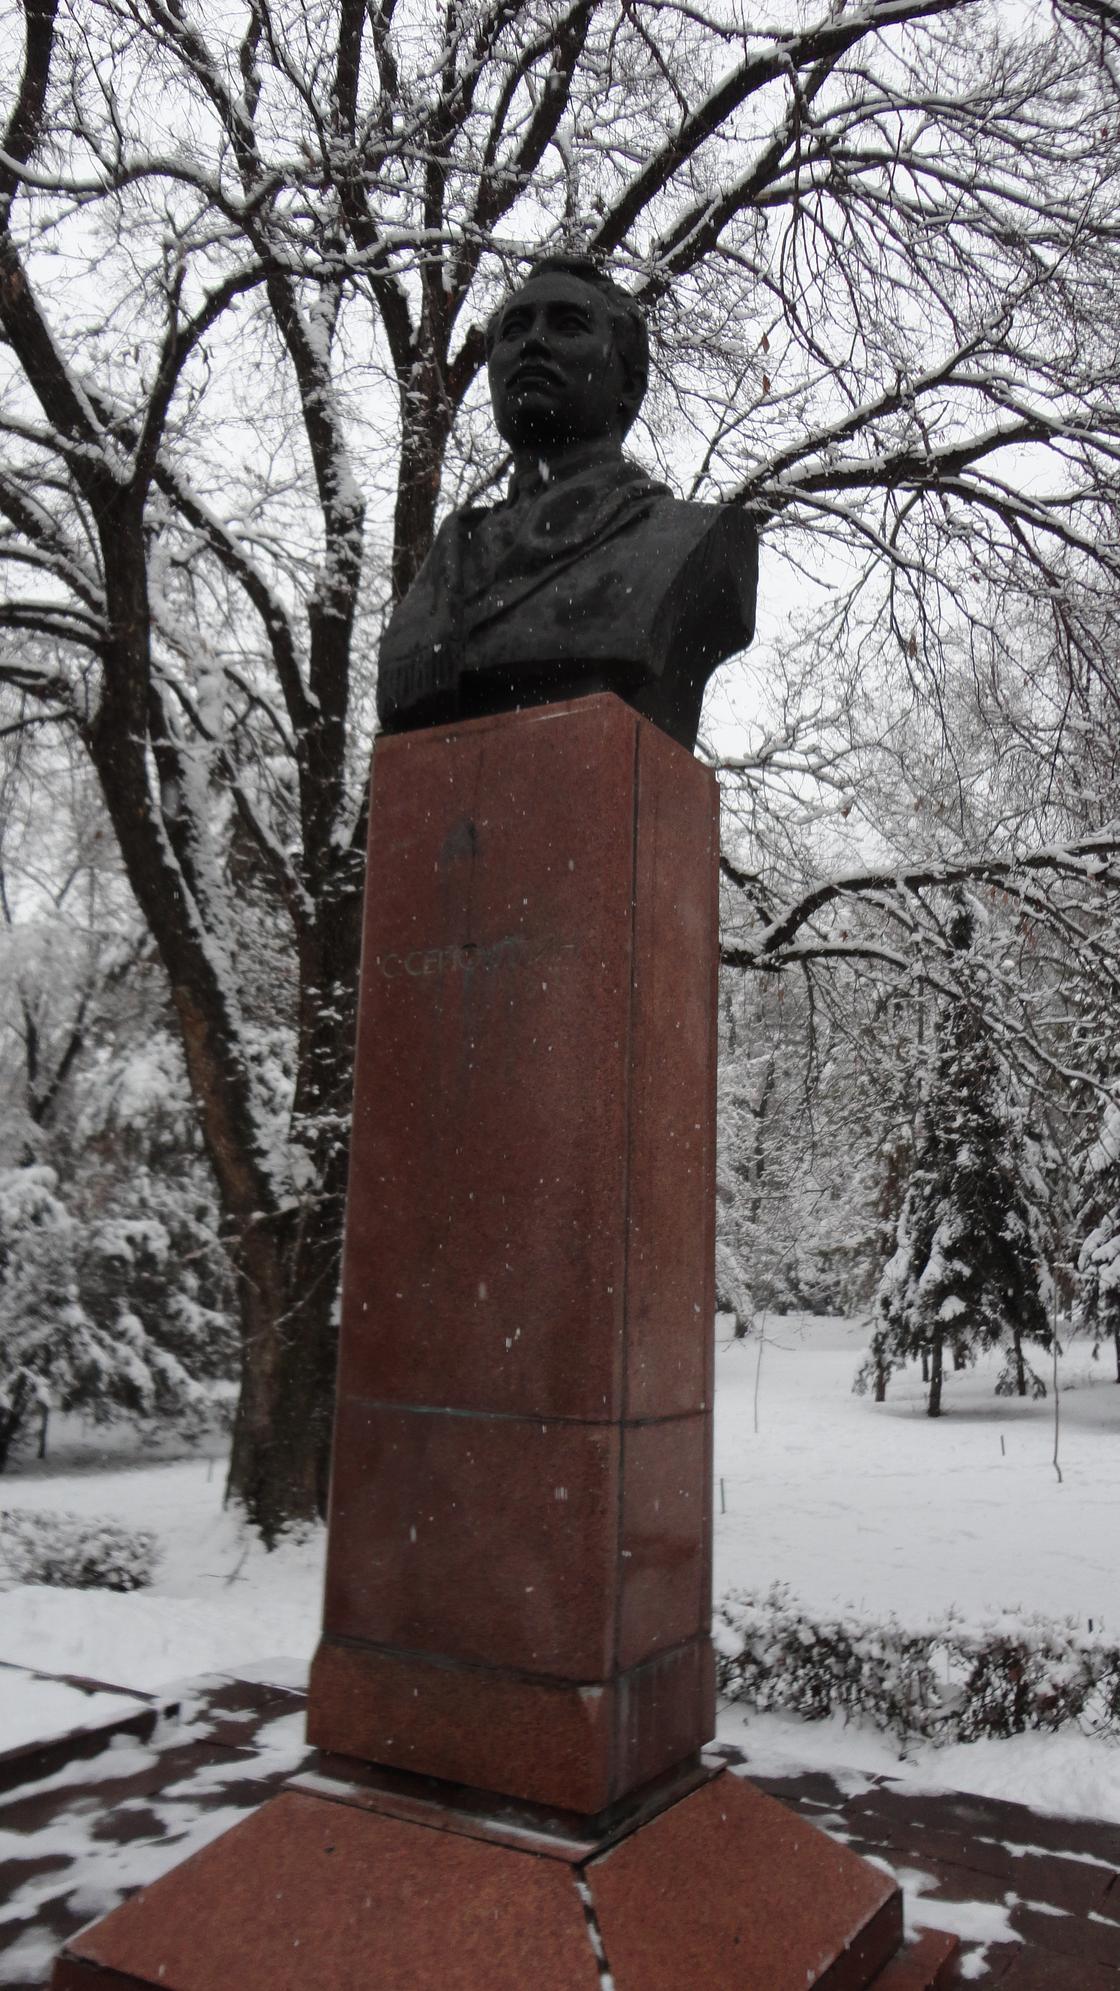 Сакен Сейфуллин: биография, наследие